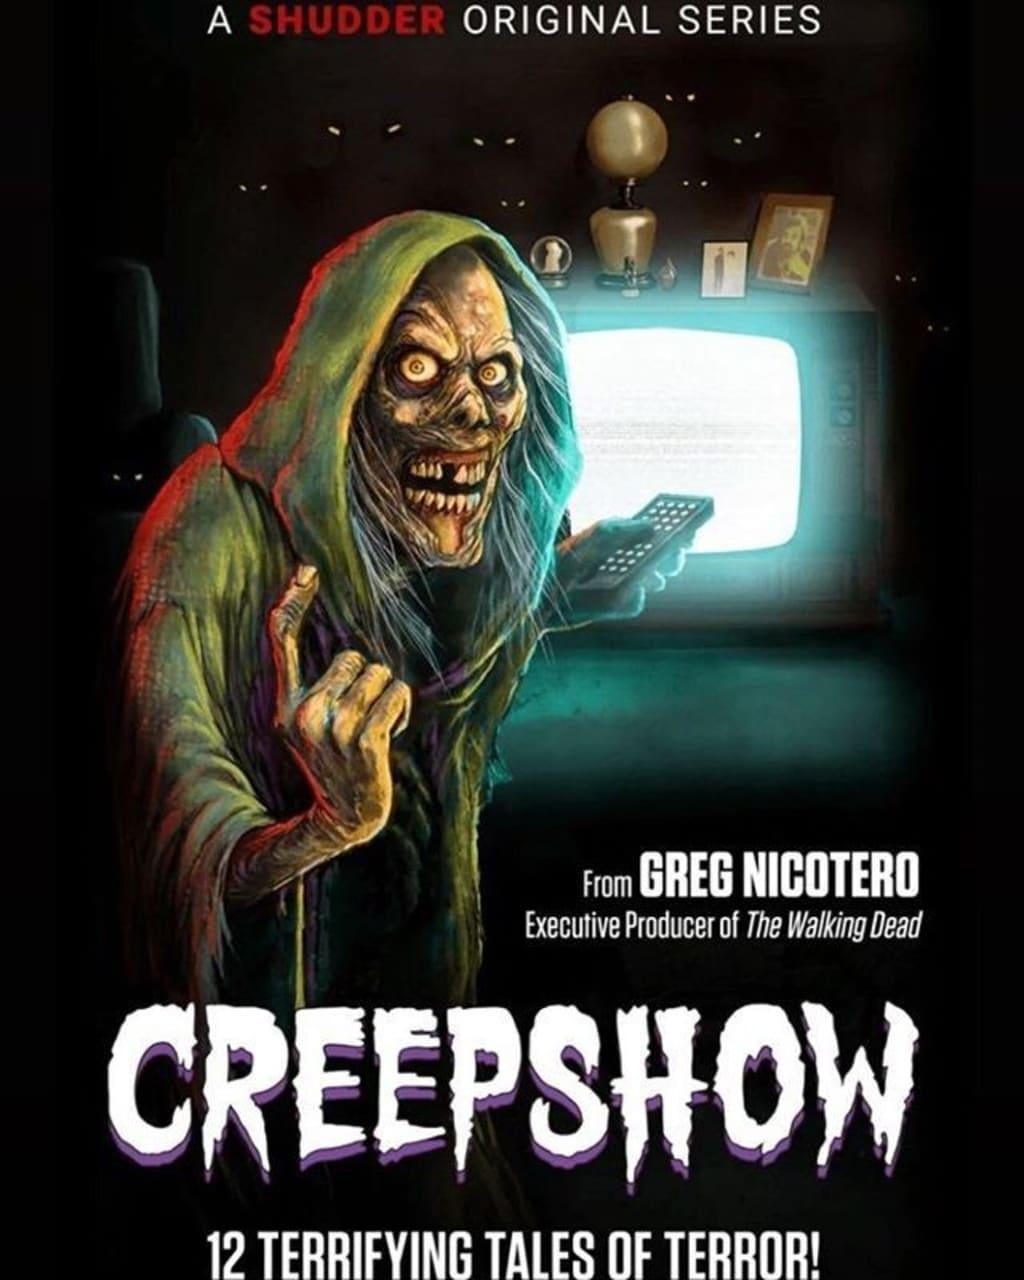 Creepshow                                 (TV Horror Series 2019) Part 1